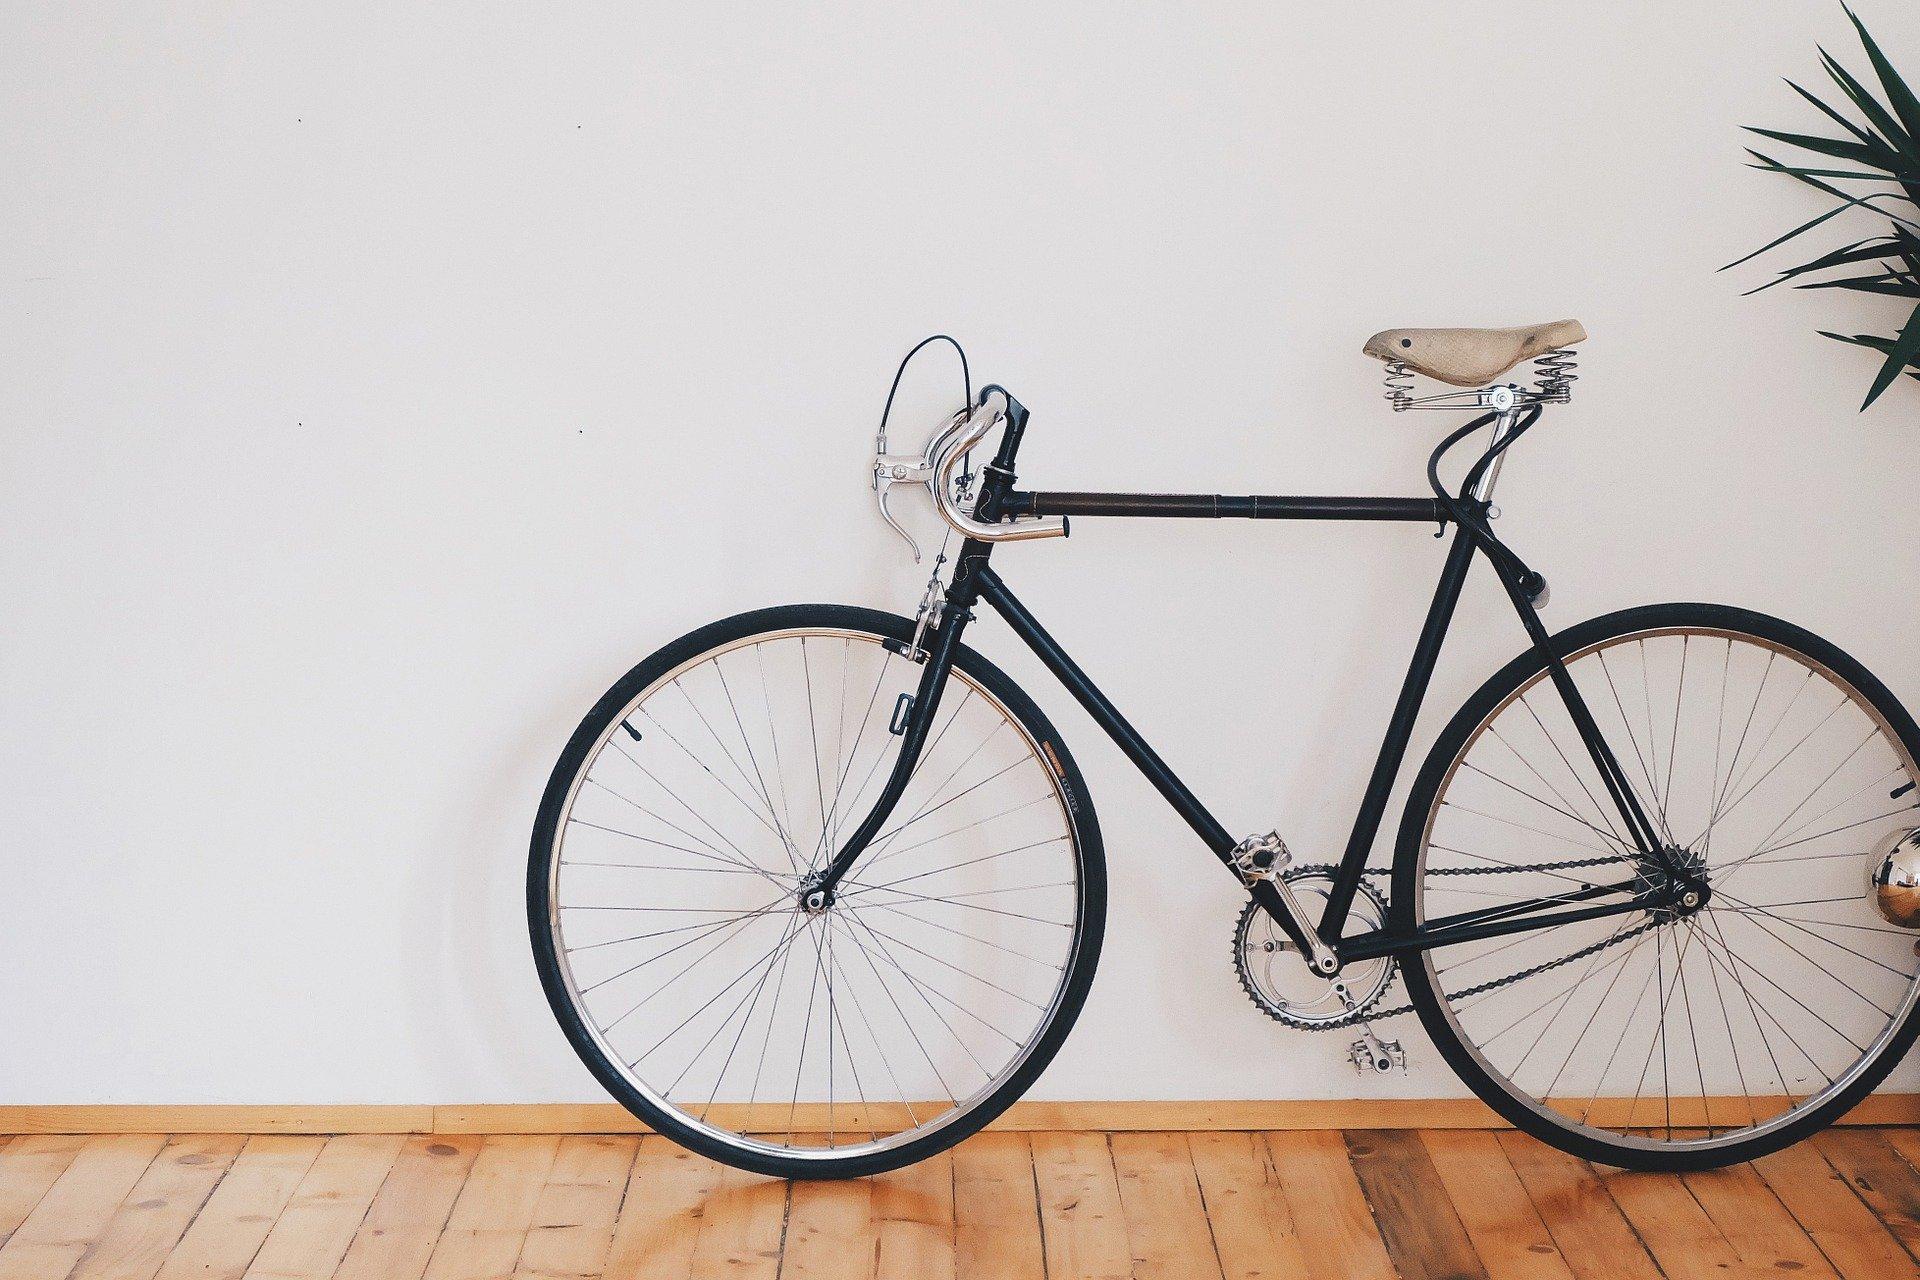 Acheter un vélo